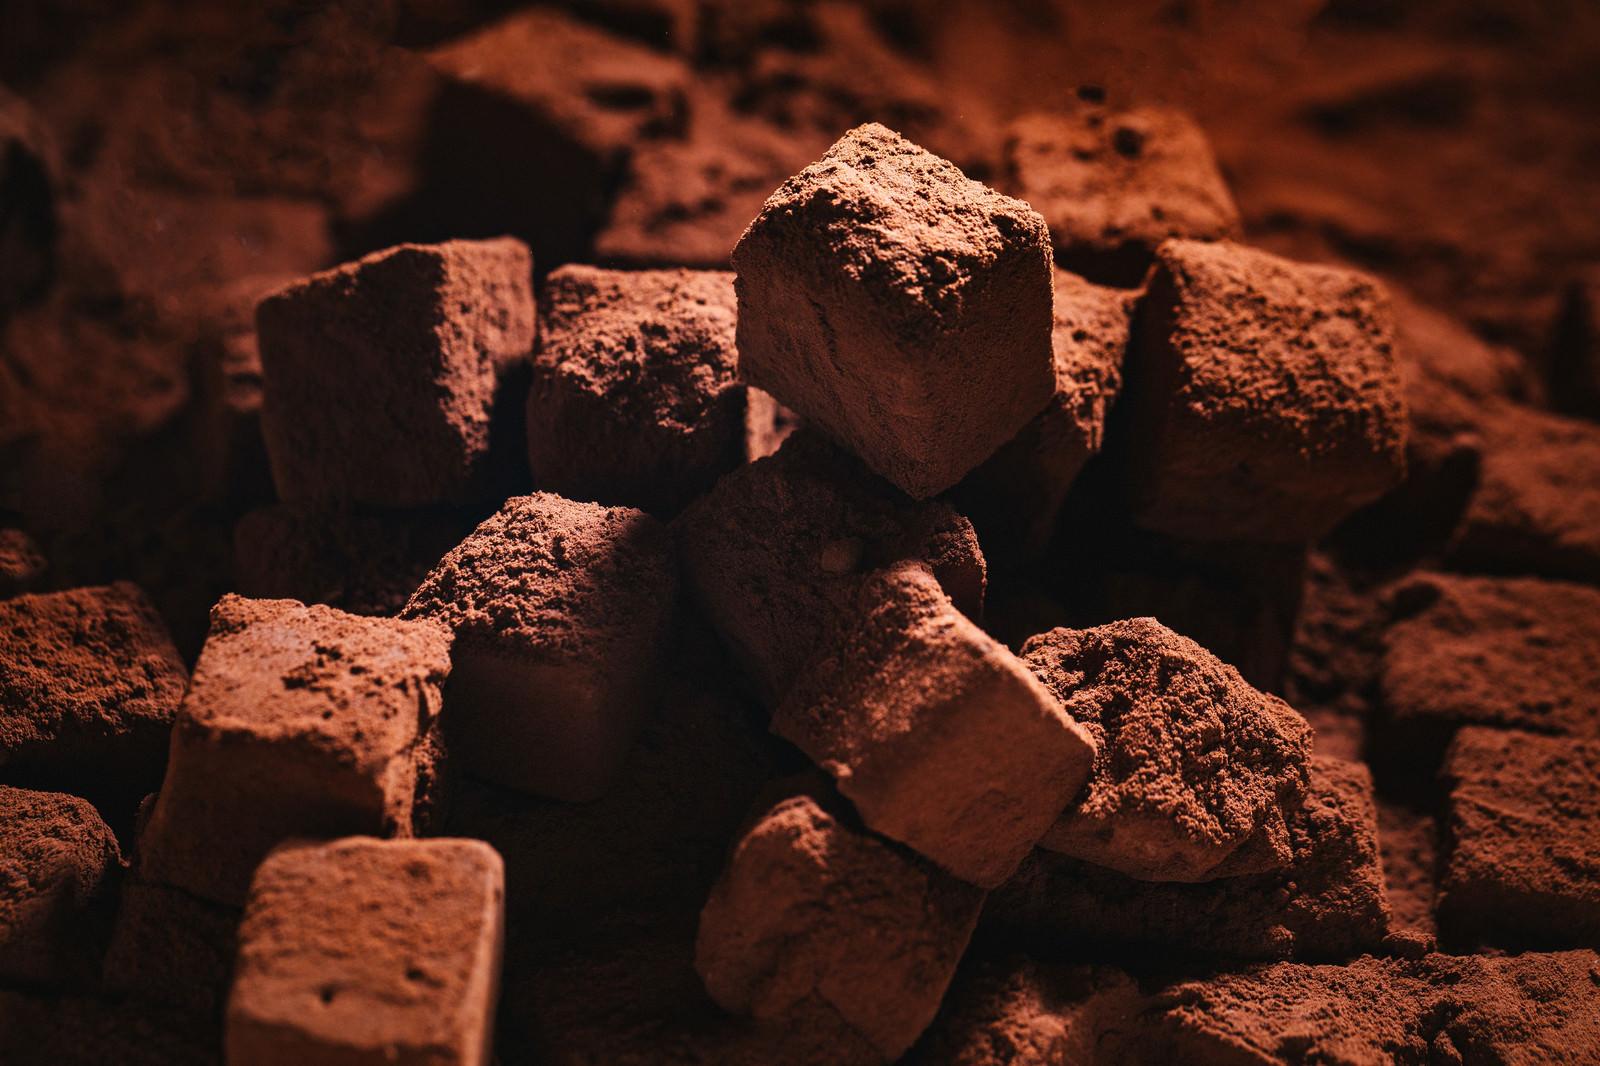 「生チョコにココアパウダーをまぶす」